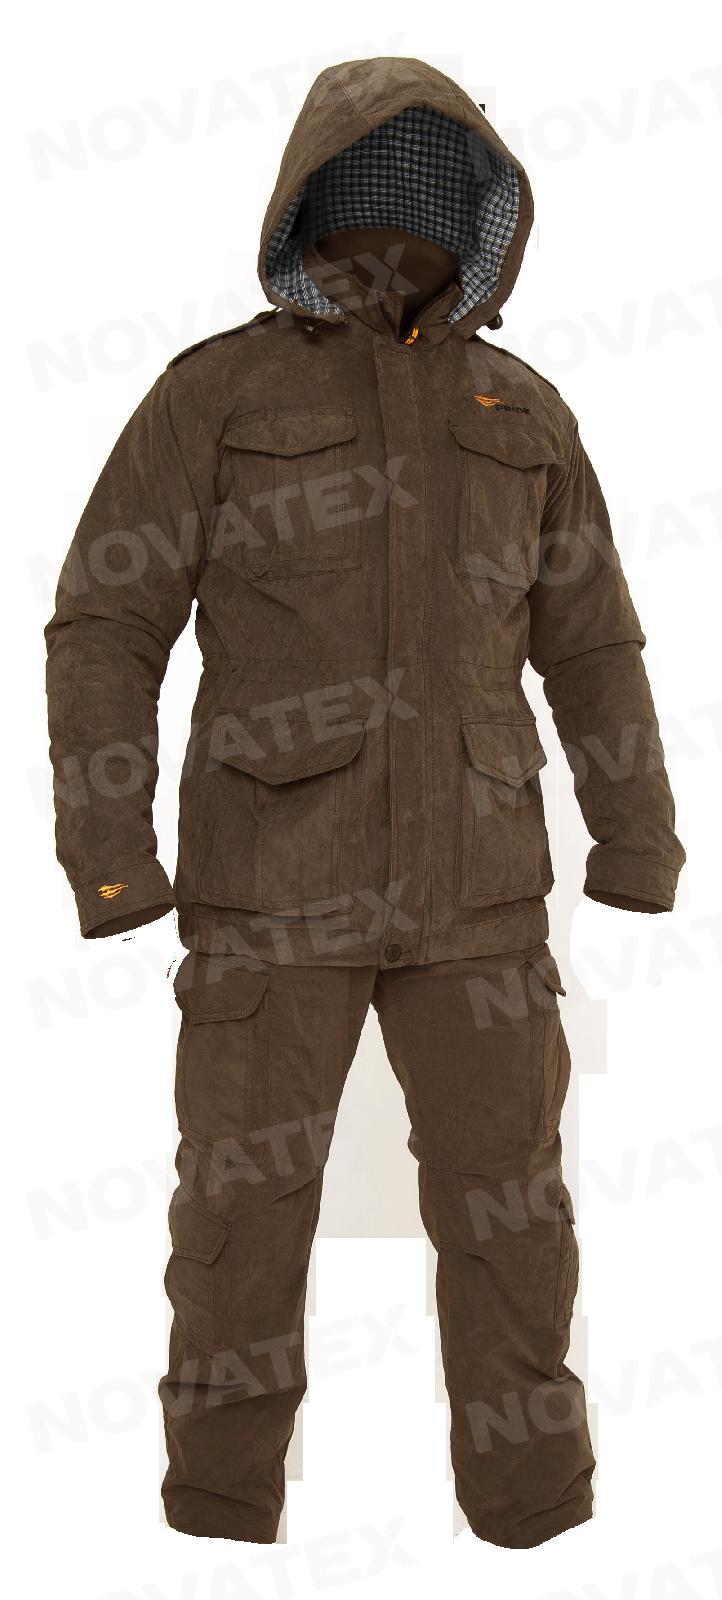 Костюм «Шутер» (финляндия, орех) PRIDE (44-46 Костюмы утепленные<br>Костюм «Шутер» (ТМ PRIDE) –является дальнейшим <br>развитием костюма «Нато», разработанного <br>в лаборатории экипировки Novatex. Этот удобный <br>универсальный костюм анатомического кроя <br>изготовляется из современной мембранной <br>ткани «Финляндия», утеплитель «Сиберия» <br>гарантирует комфортную температуру в любых <br>условиях (в рамках рекомендуемых температур). <br>Костюм «Шутер» рекомендуется для охотников, <br>рыбаков, туристов, любителей военно-спортивных <br>игр и силовых структур.<br><br>Пол: мужской<br>Размер: 44-46<br>Рост: 170-176<br>Сезон: демисезонный<br>Цвет: коричневый